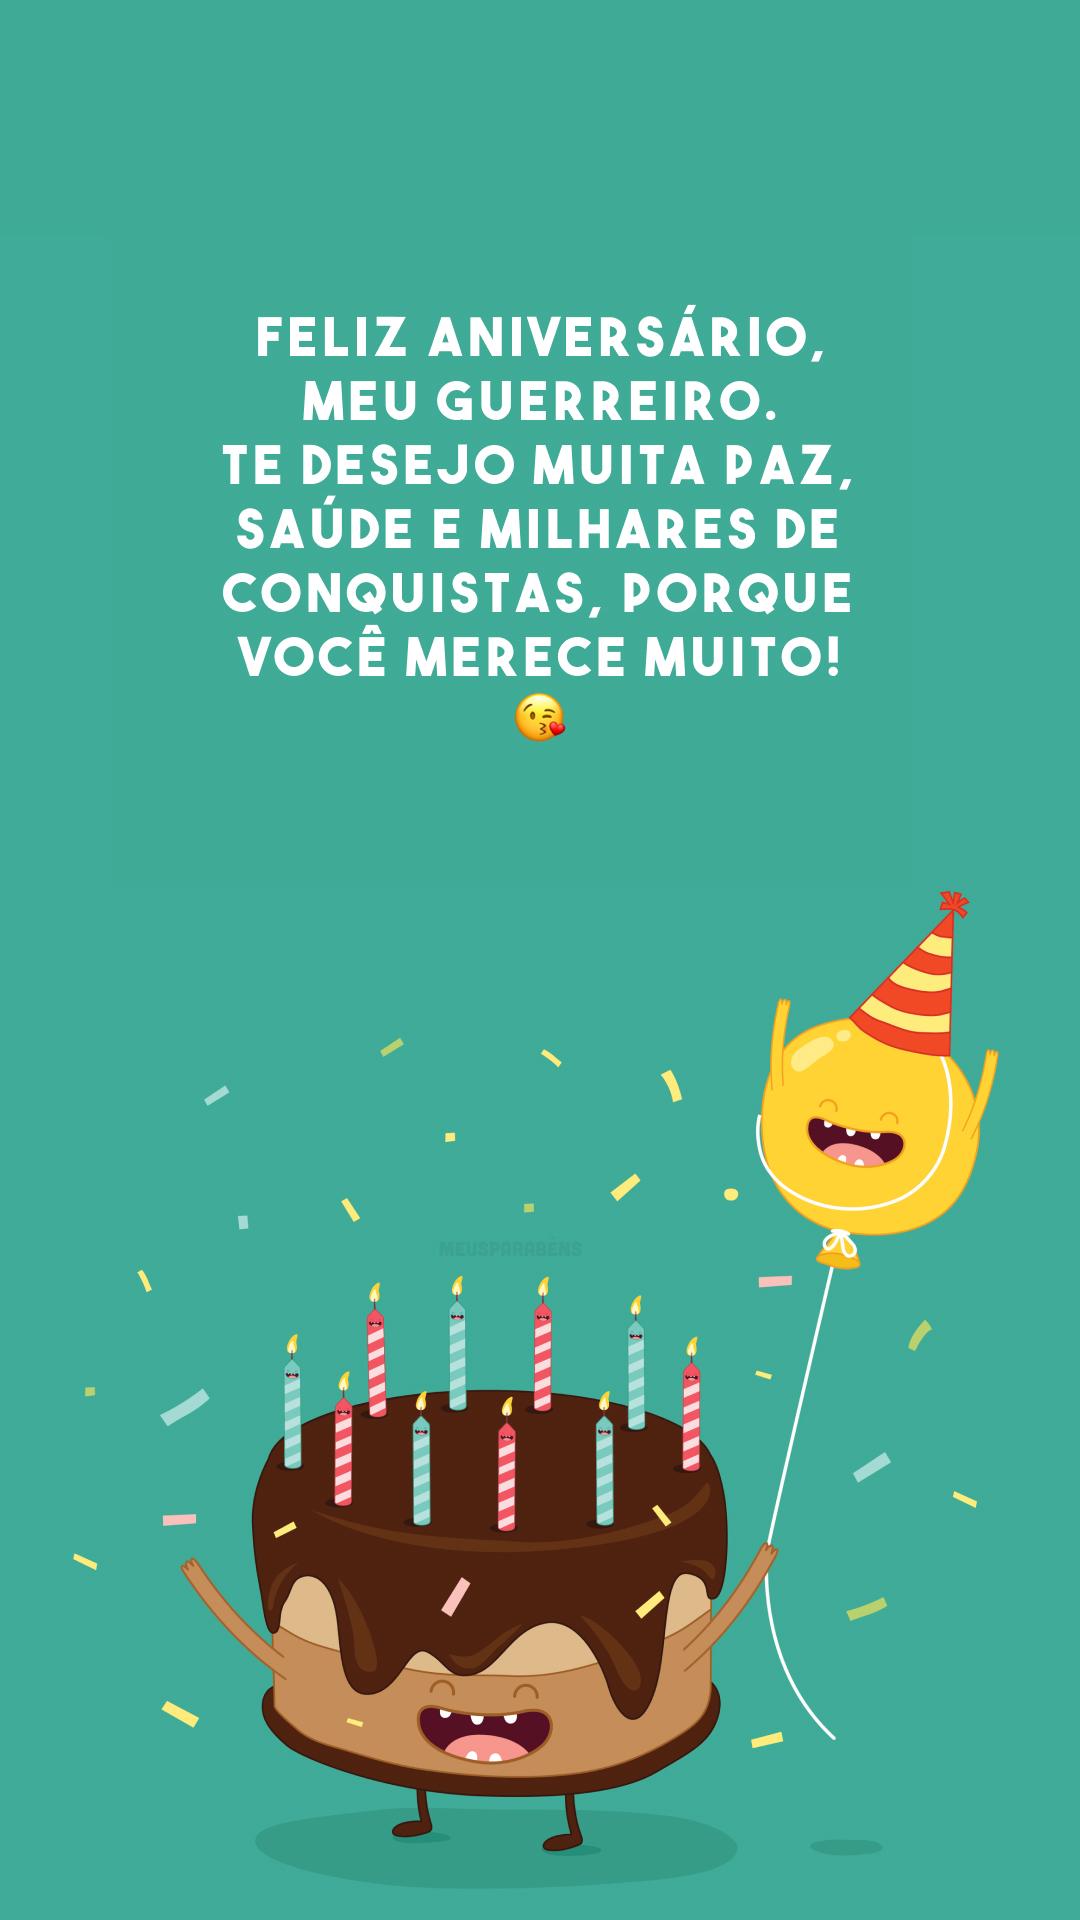 Feliz aniversário, meu guerreiro. Te desejo muita paz, saúde e milhares de conquistas, porque você merece muito! 😘